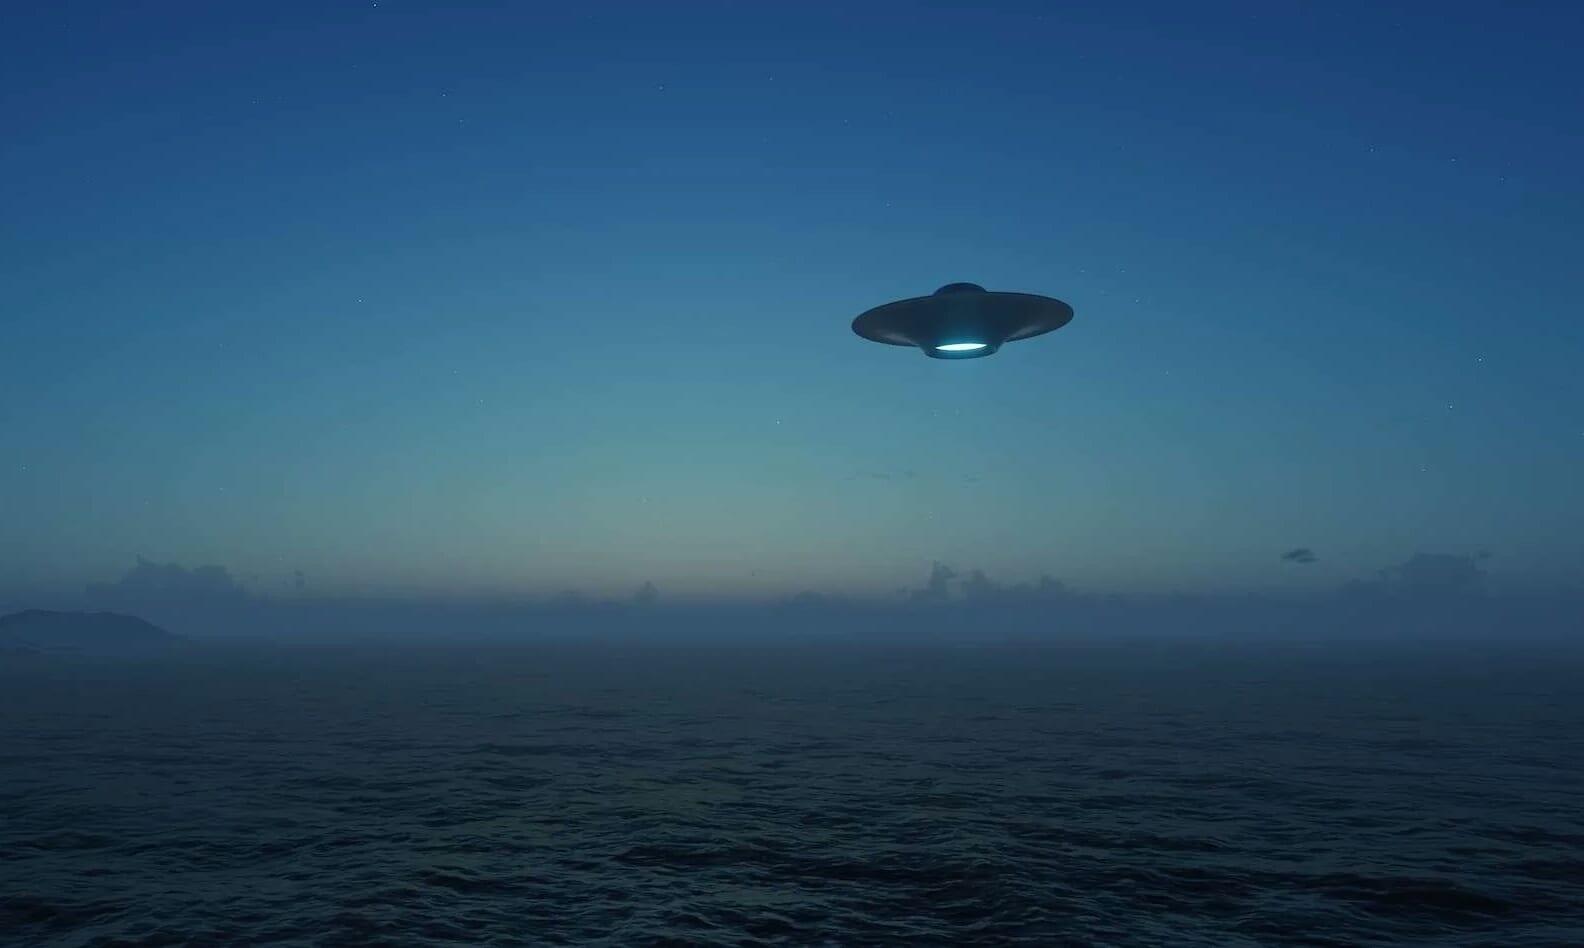 Extraterrestres : 2700 documents déclassifiés pour prouver leur existence